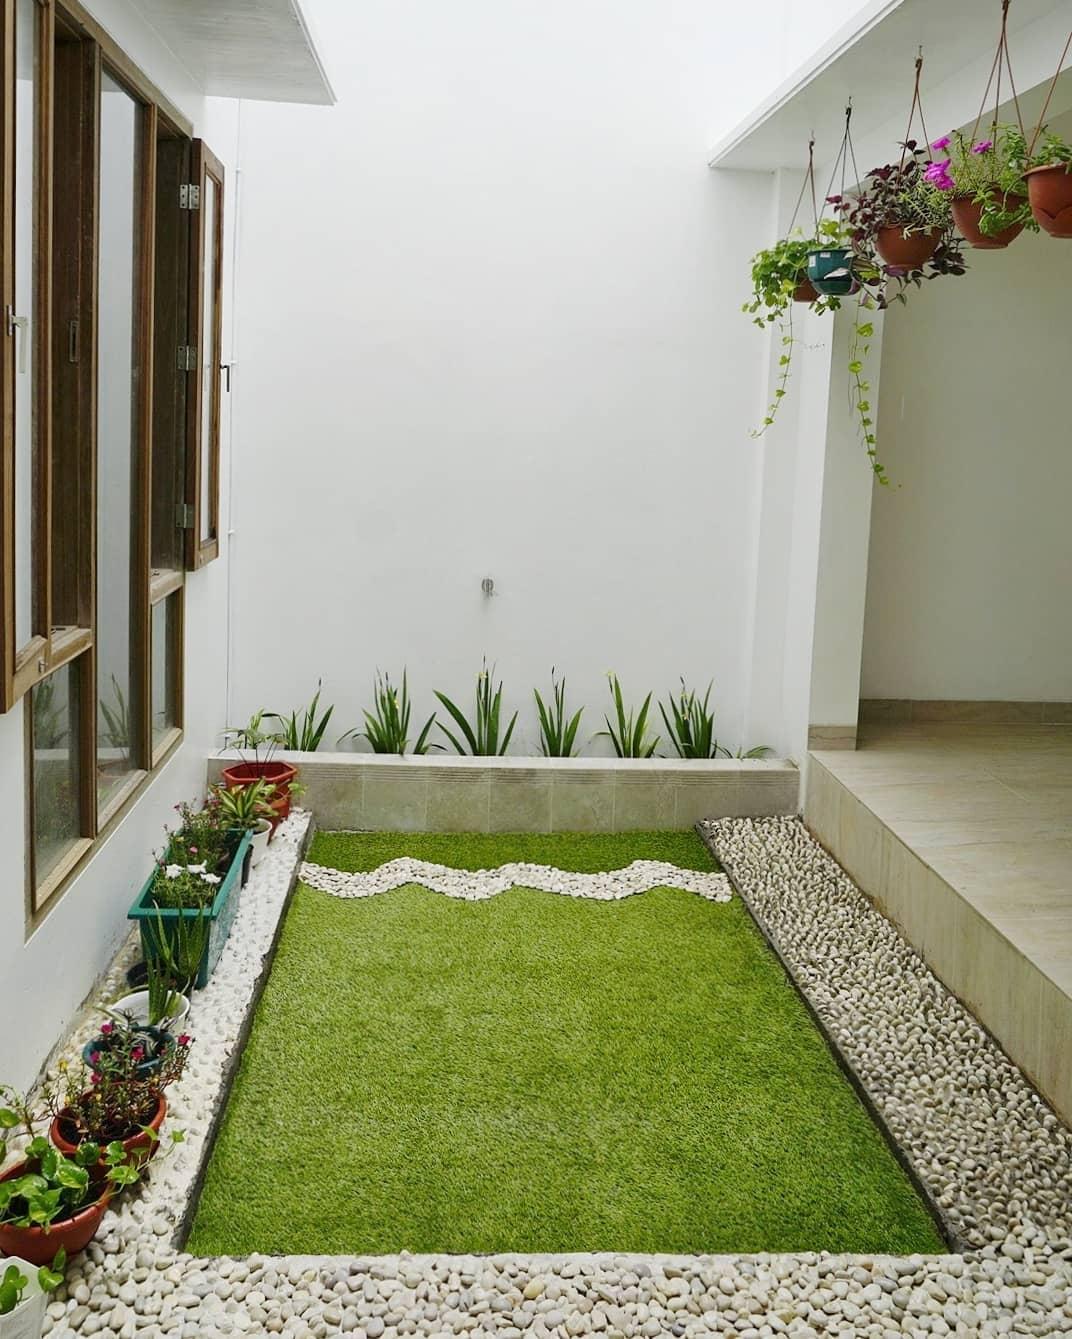 taman indoor minimalis